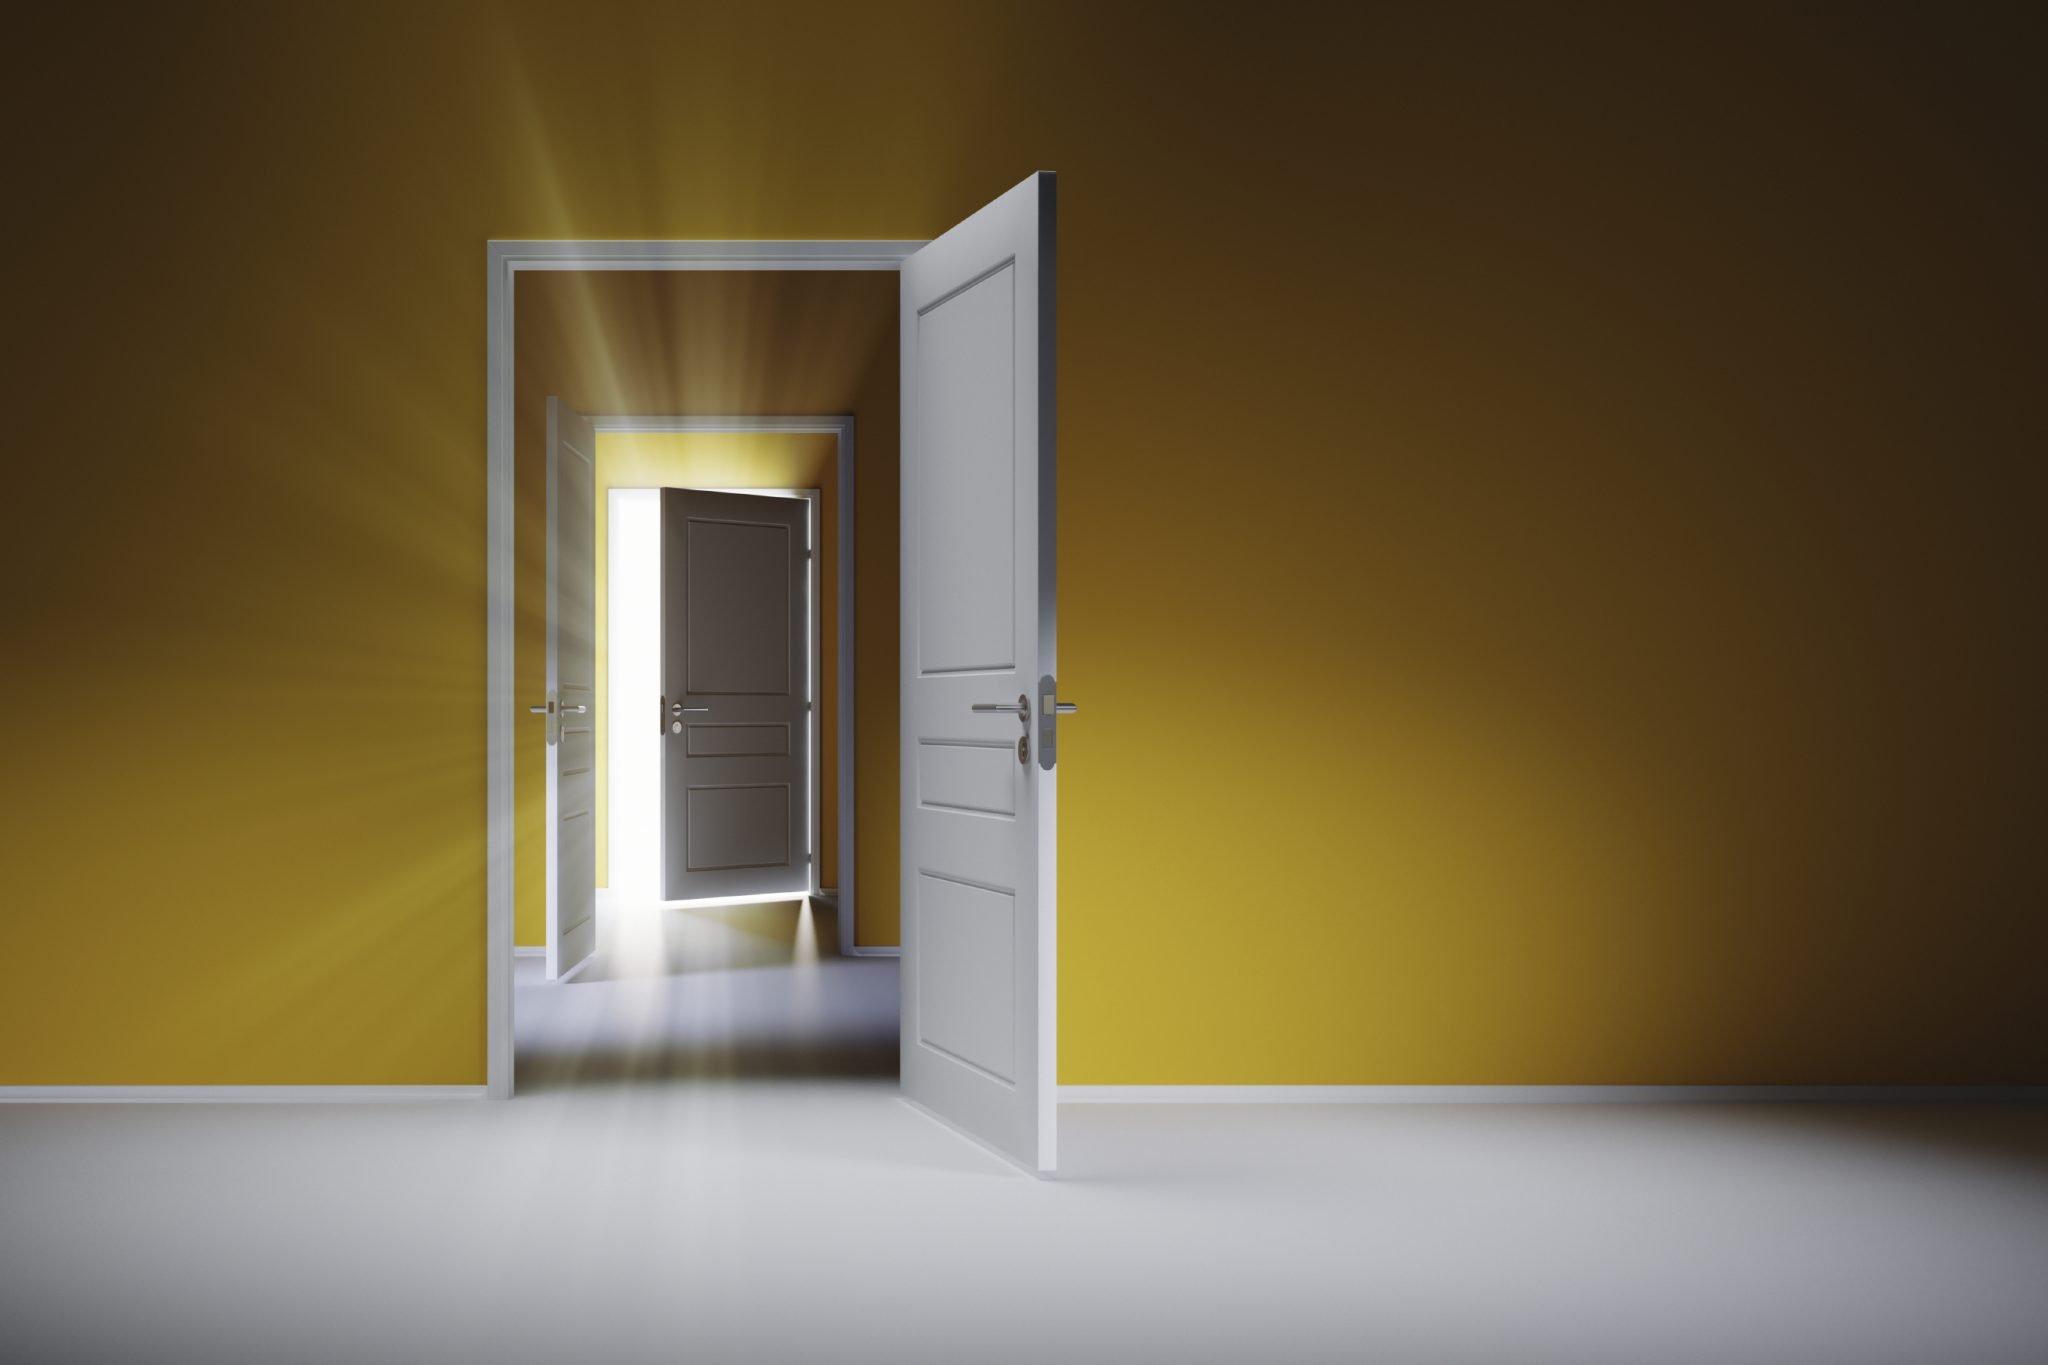 صورة تلتقط الأبواب المفتوحة يجب الترحيب بالطلاب عند مغادرتهم المدارس الإماراتية مع الإعداد المناسب